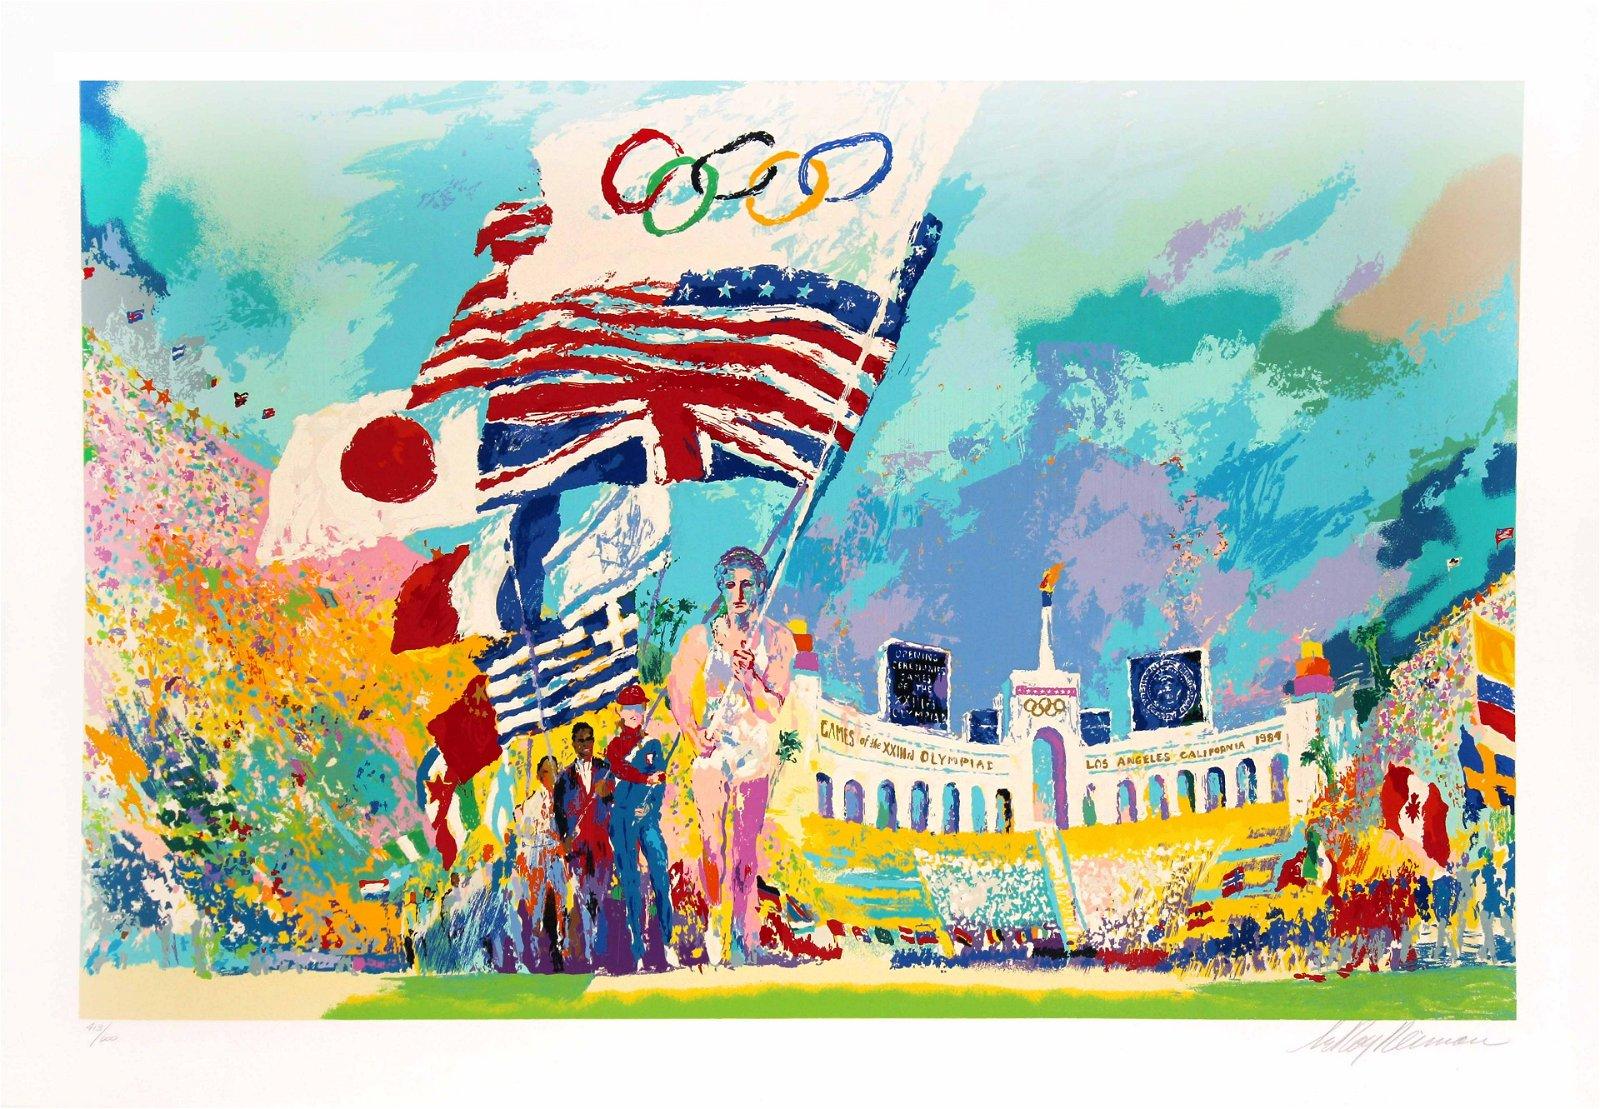 LeRoy Neiman - Opening Ceremony Olympics